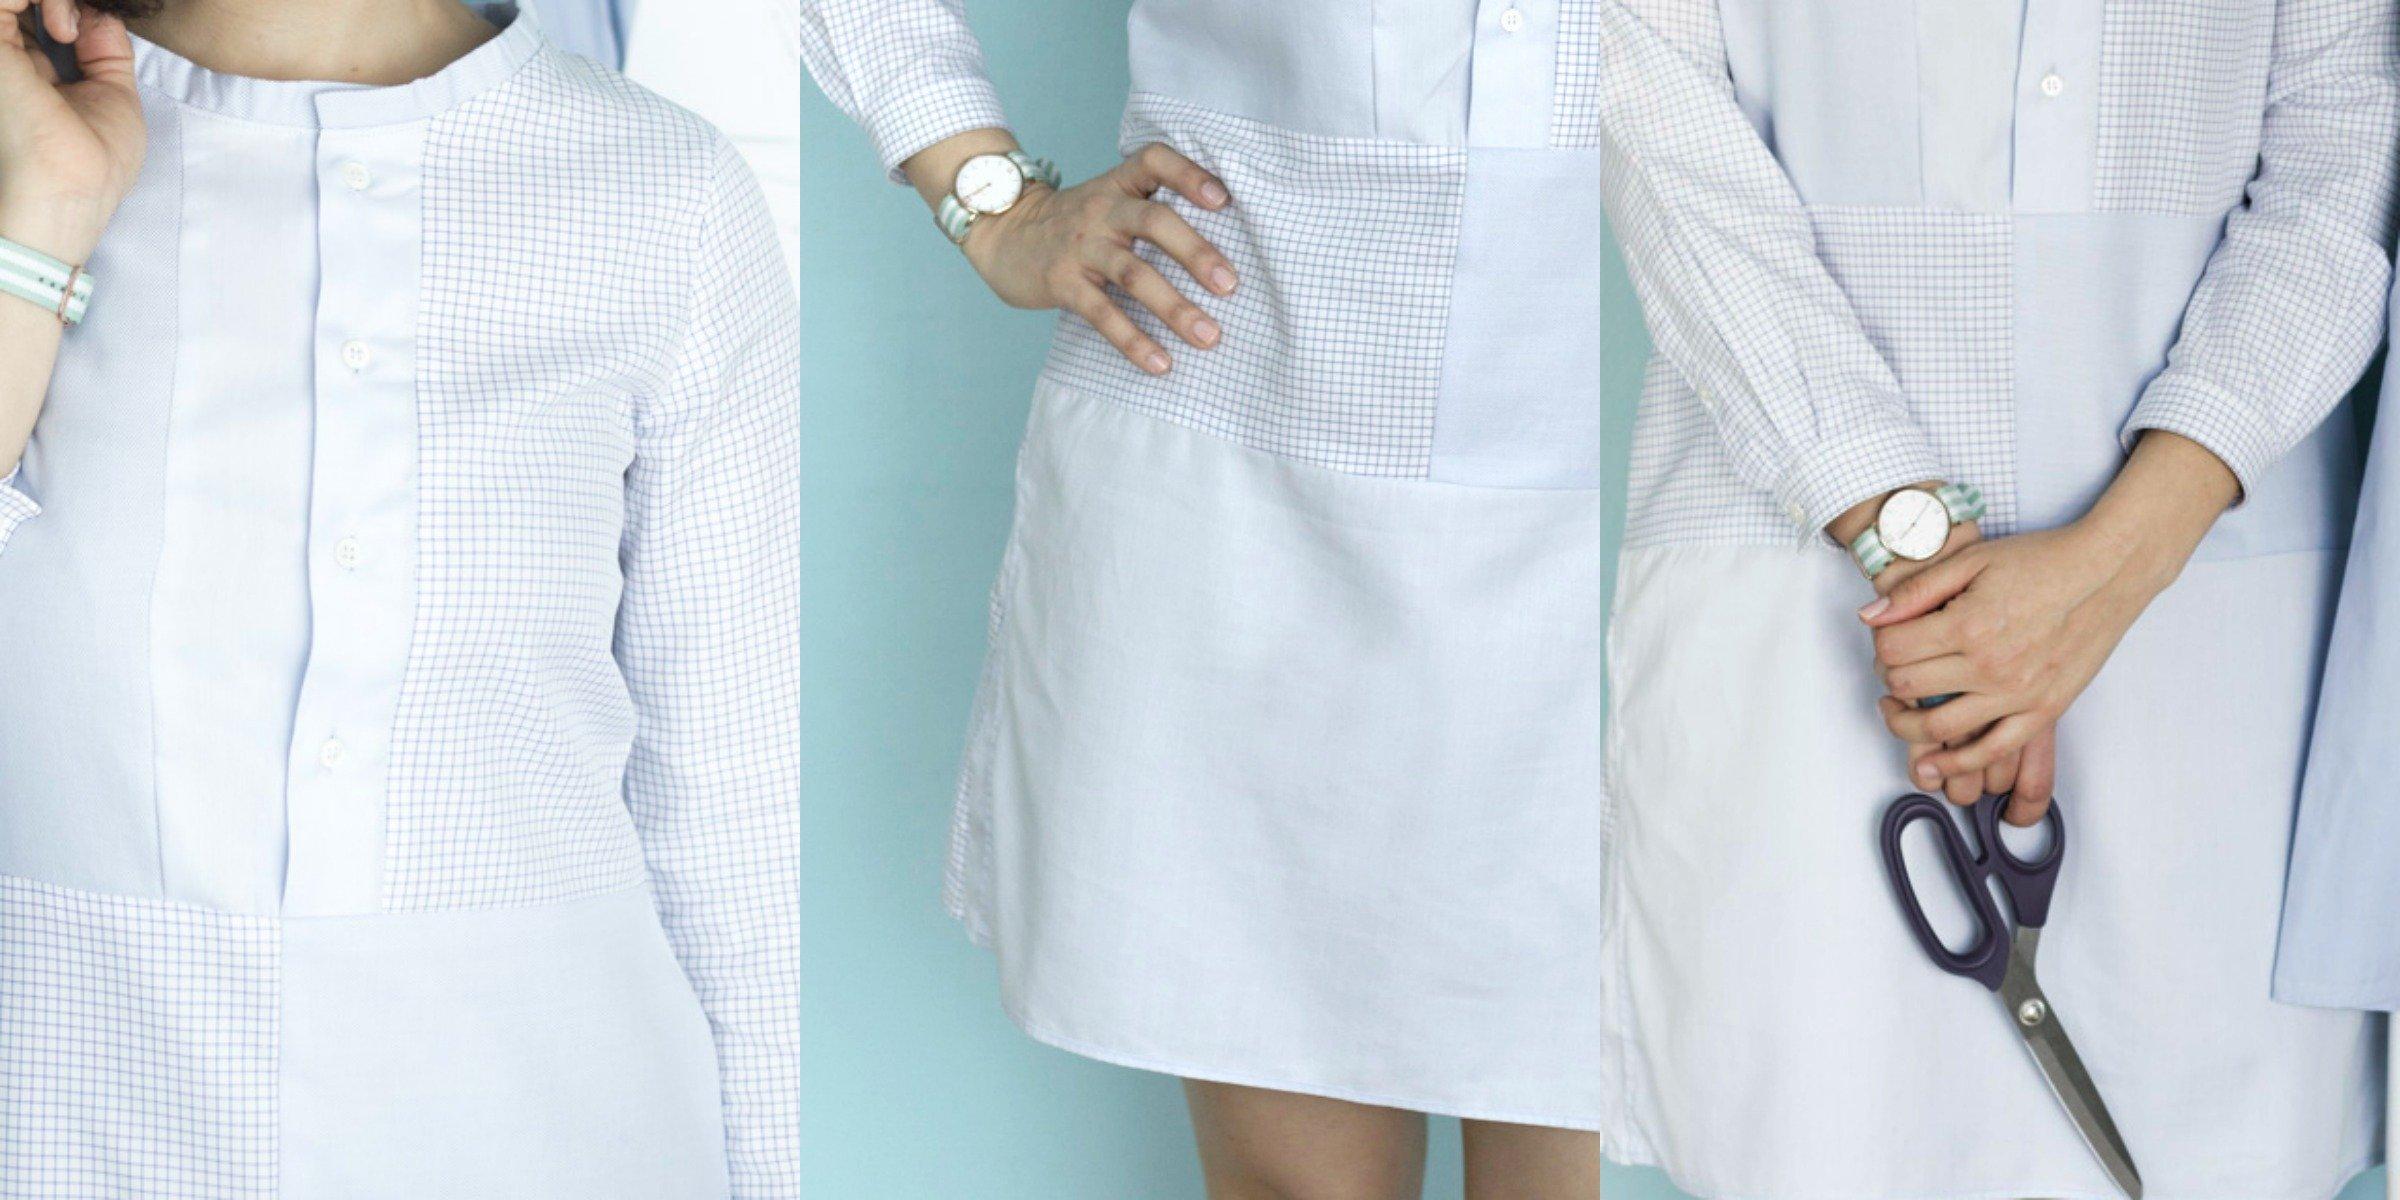 Herrenhemden in priginelle Kleider verwandeln